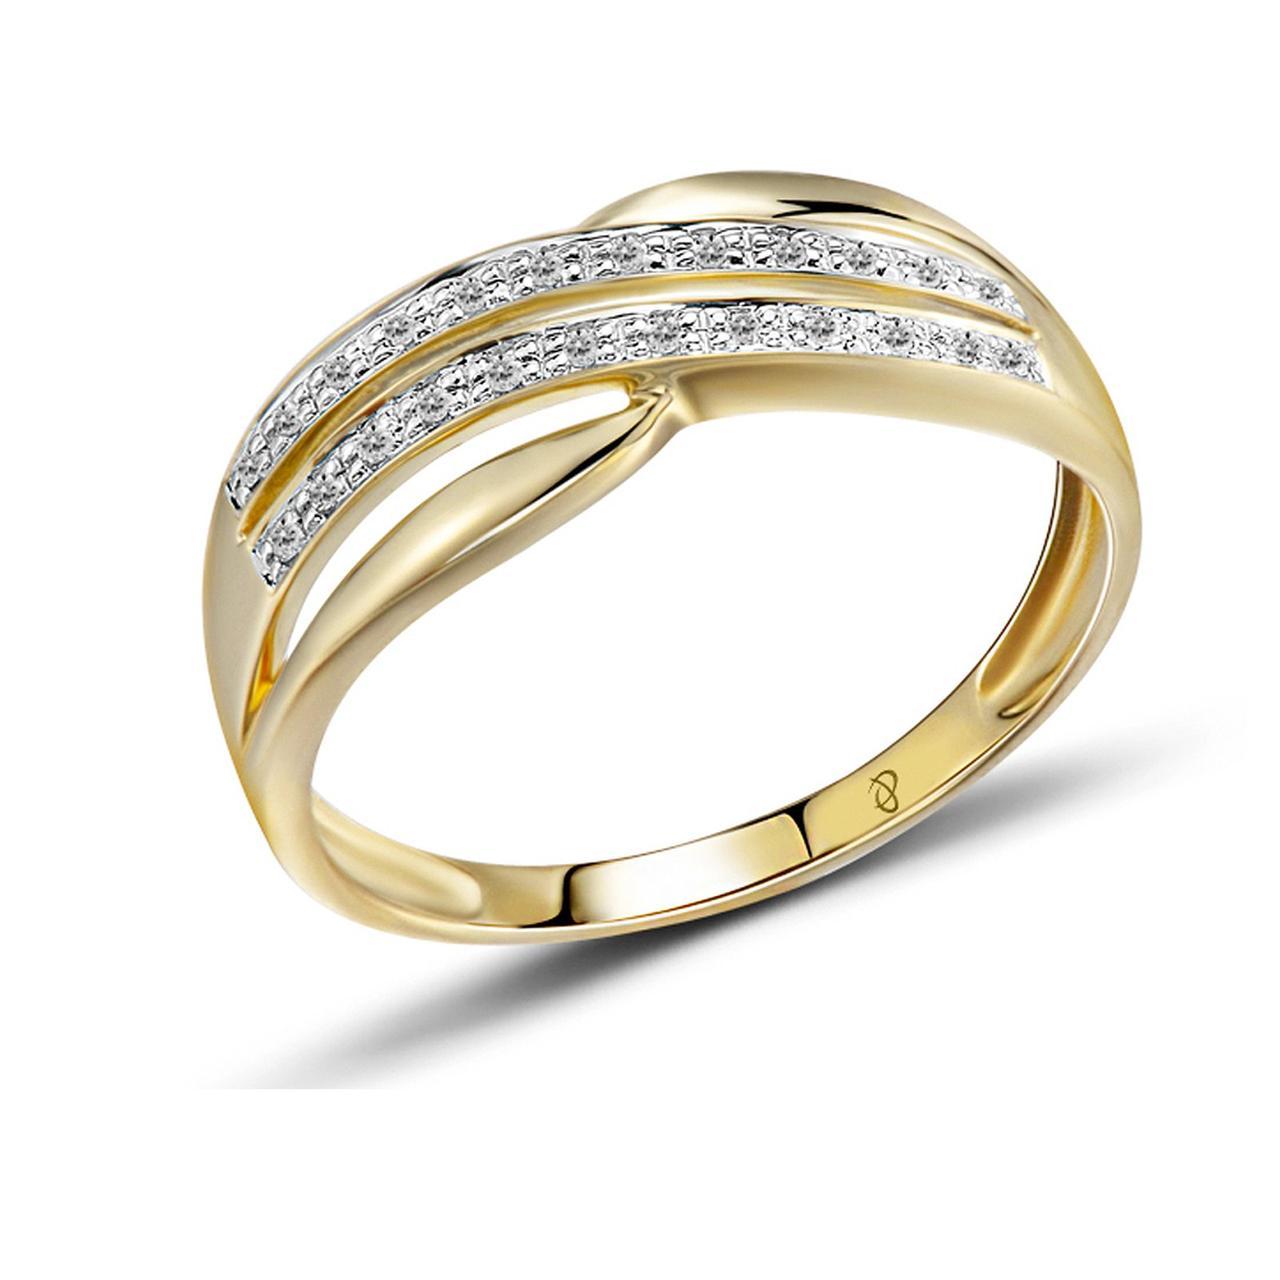 Золотое кольцо с бриллиантами, размер 15.5 (1551736)